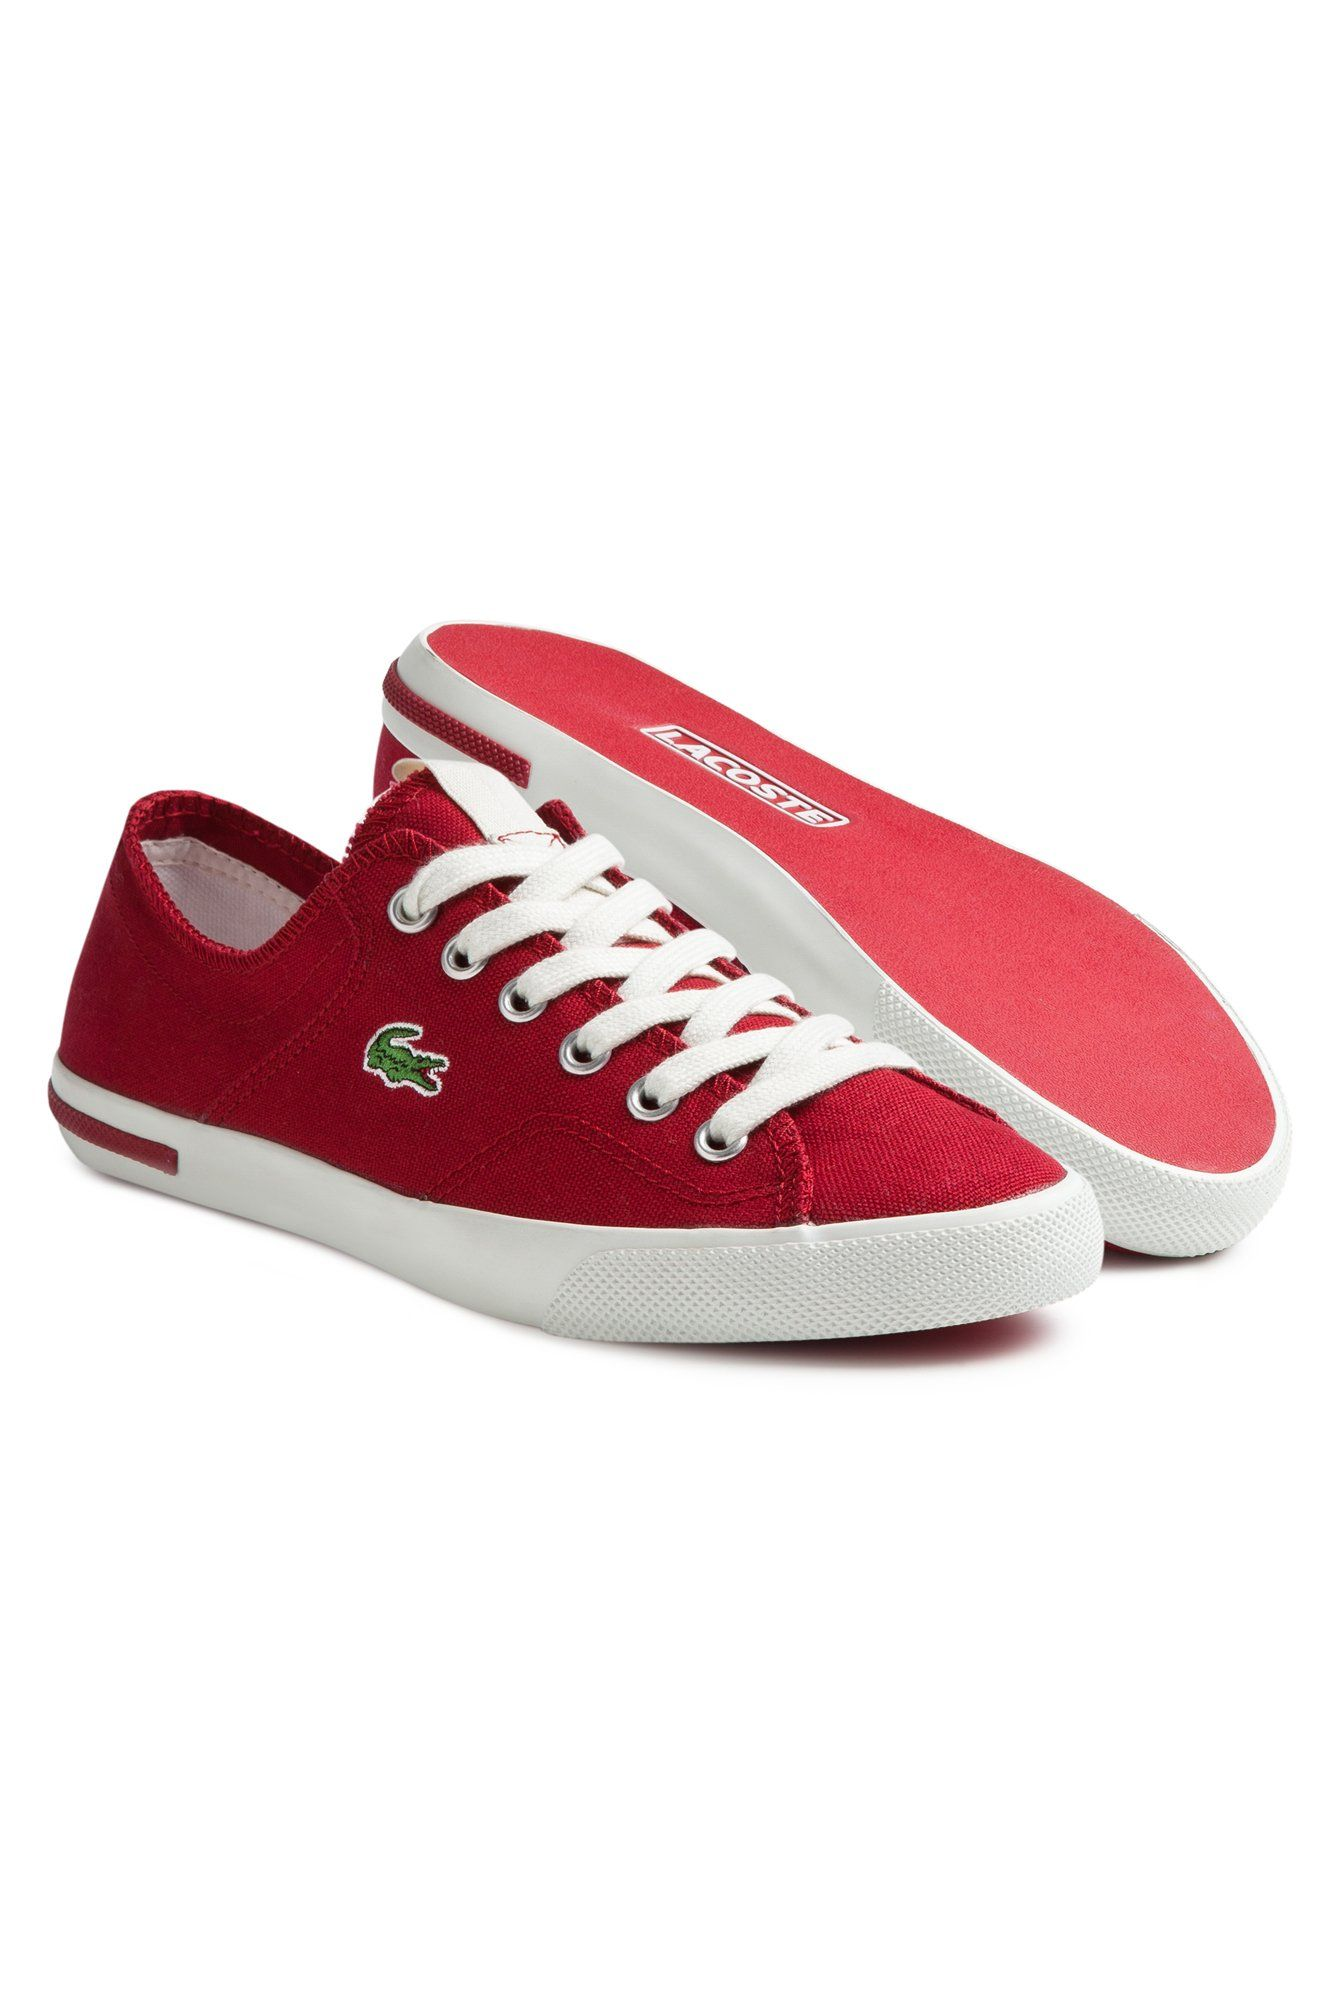 Lacoste Women S Newton Ci Coleccion De Zapatos Zapatos Hombre Zapatos De Moda